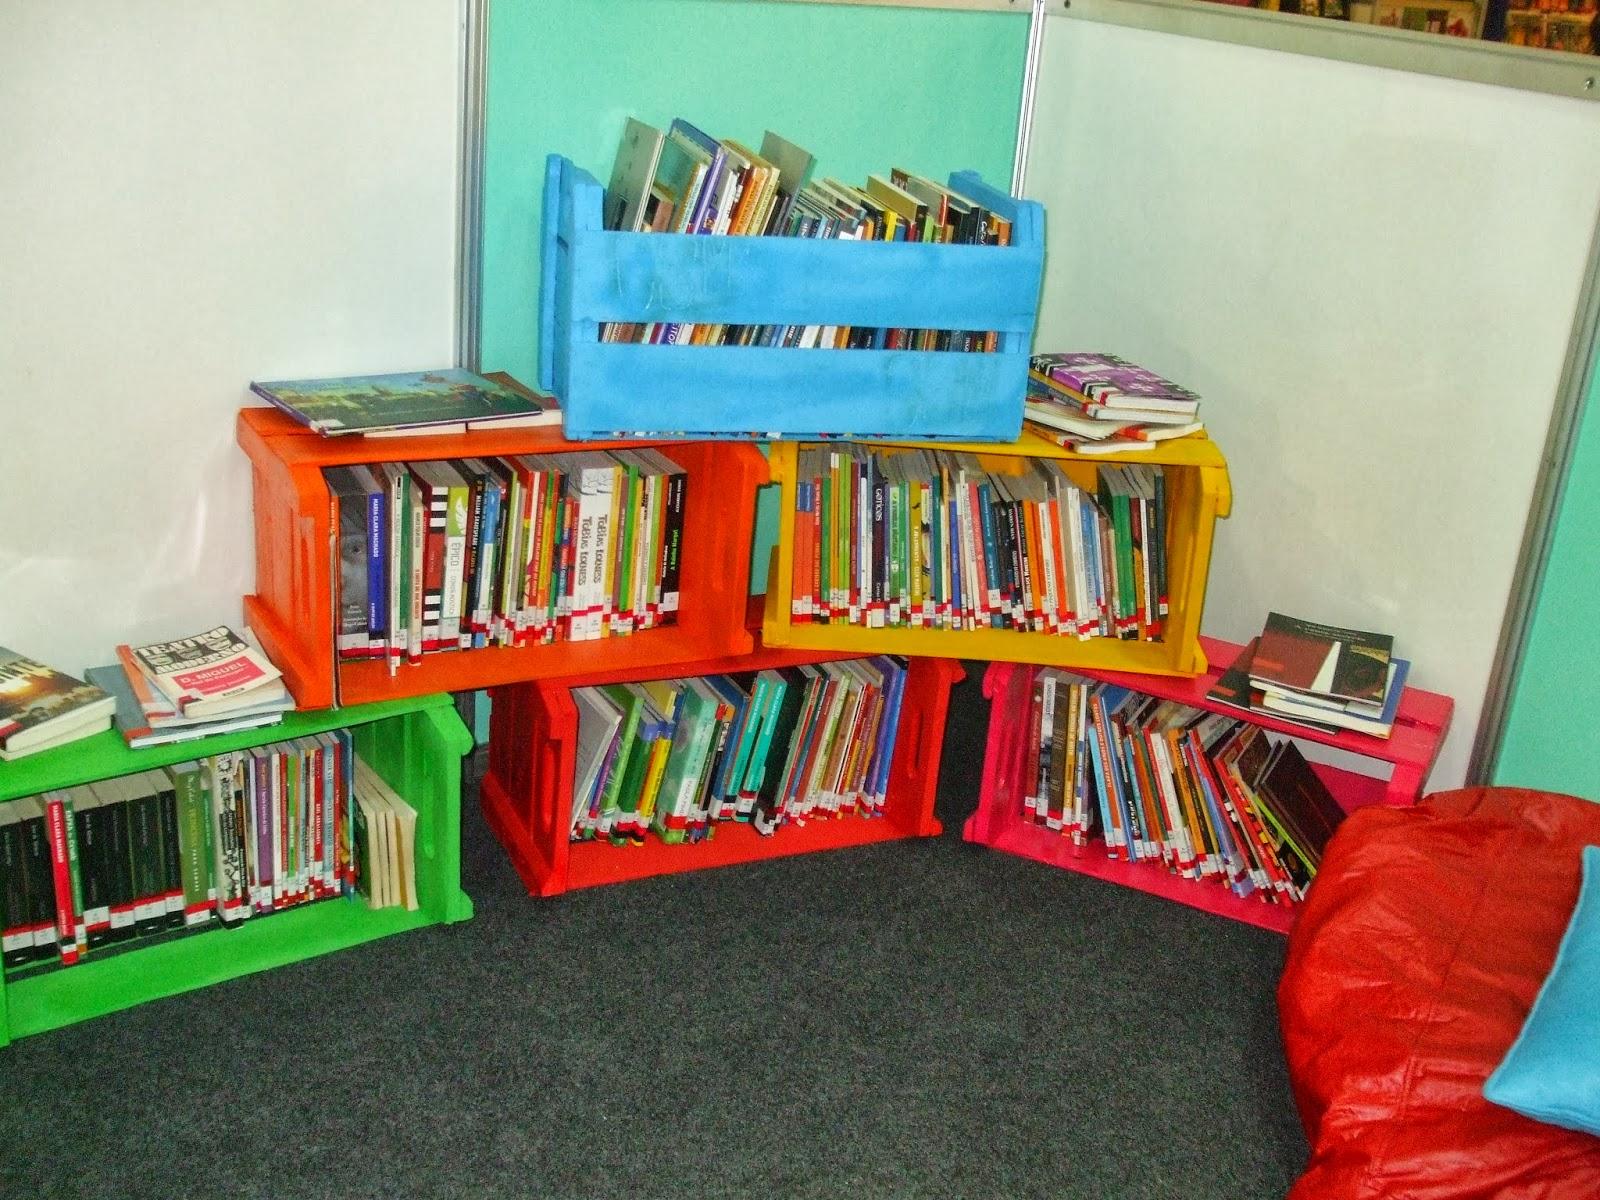 decoracao sala de leitura na escola: SOU DONA DE MIM: DECORAÇÃO SUSTENTÁVEL: ESTANTE FEITA DE CAIXOTES